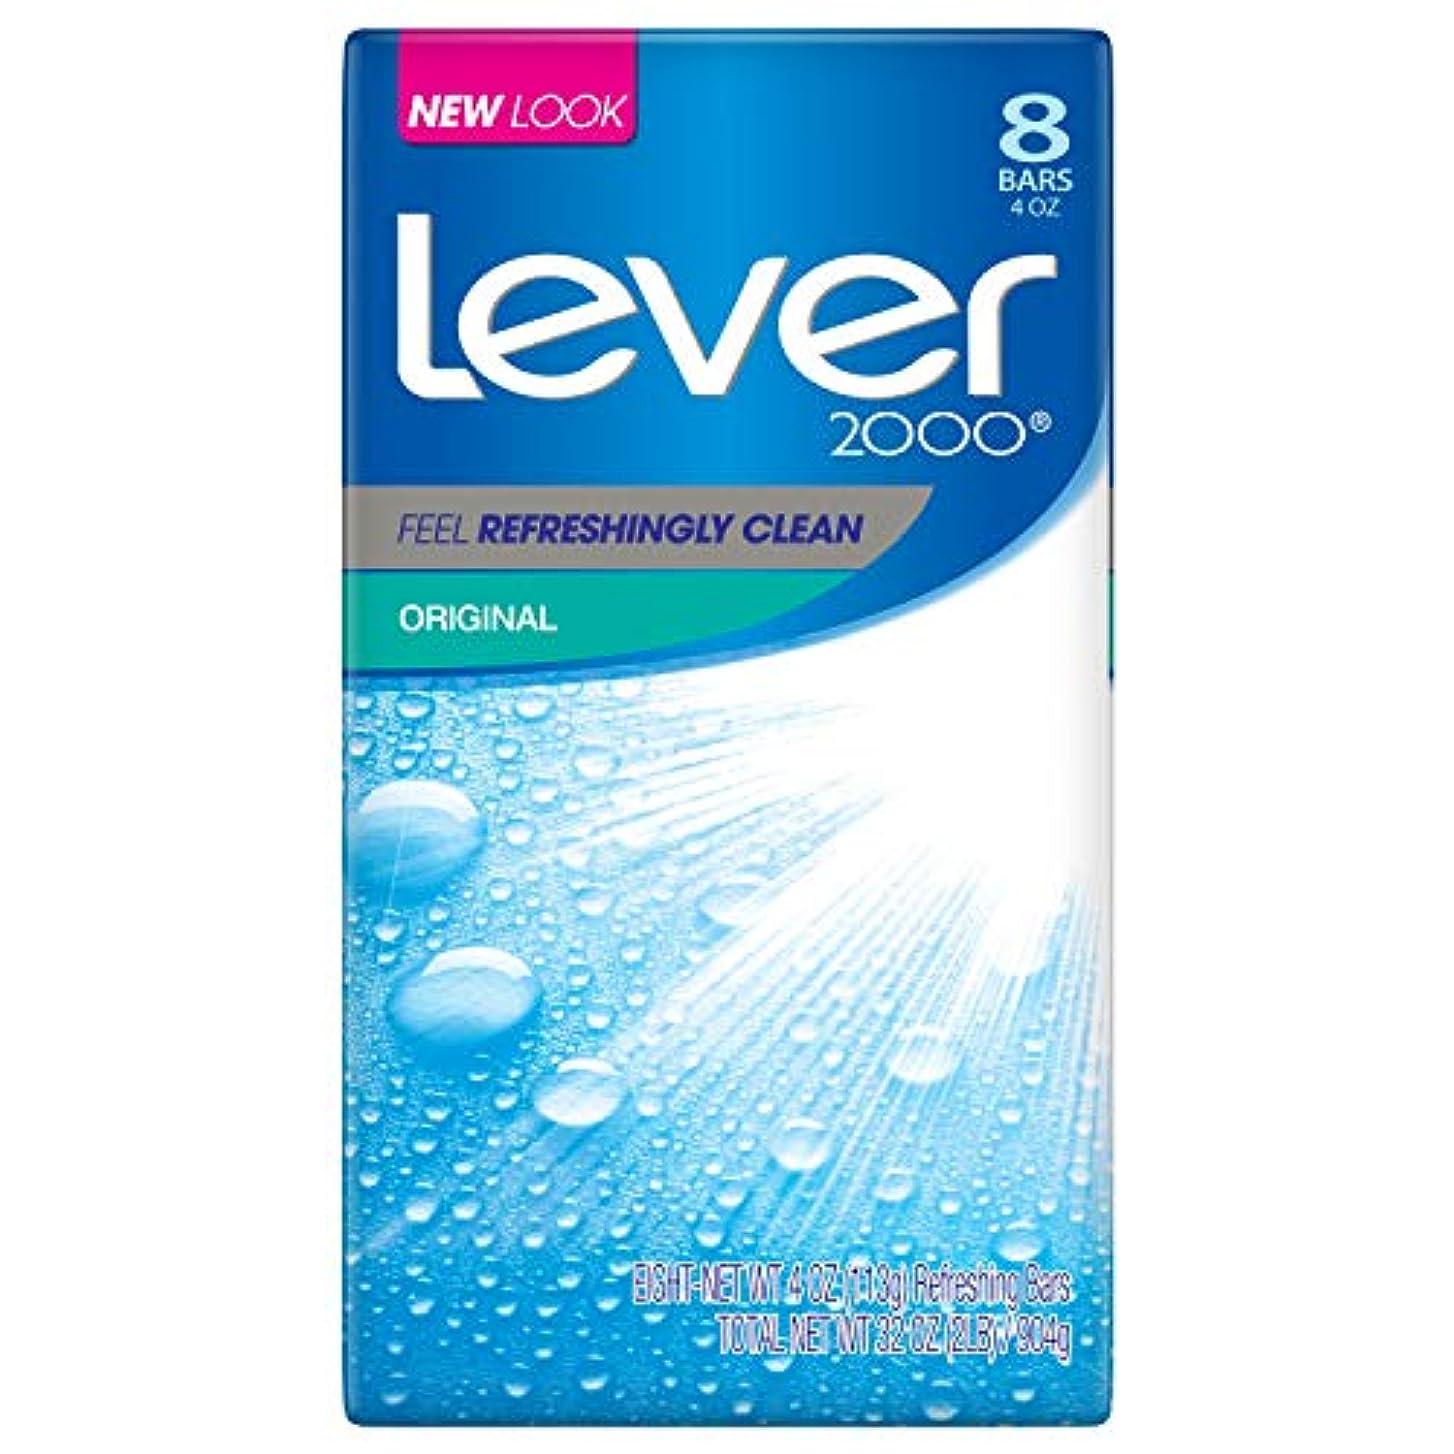 挑む凝視更新するLever 2000 石鹸、オリジナル4オズ、8バー